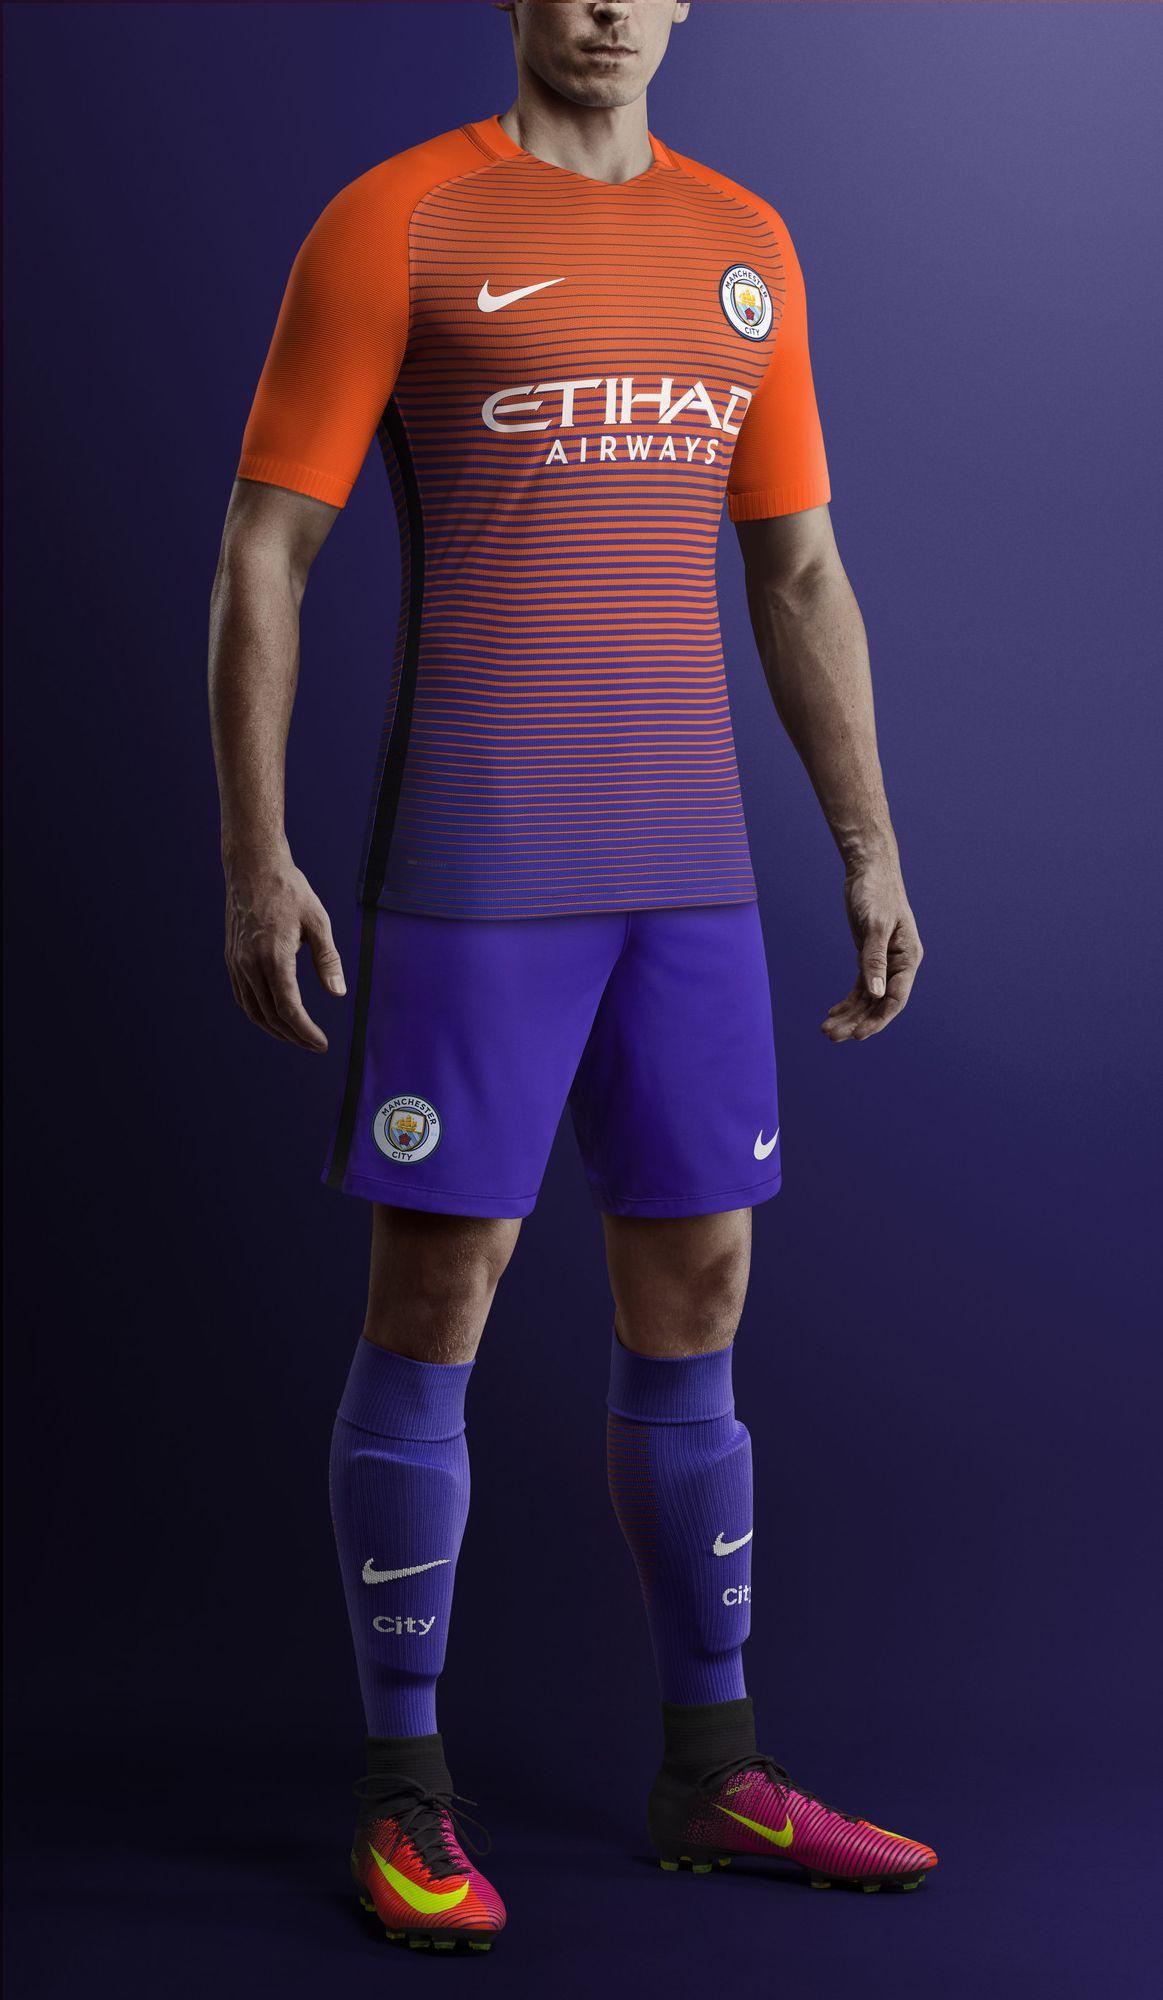 Troisième tenue du club Manchester City Saison 2016-2017